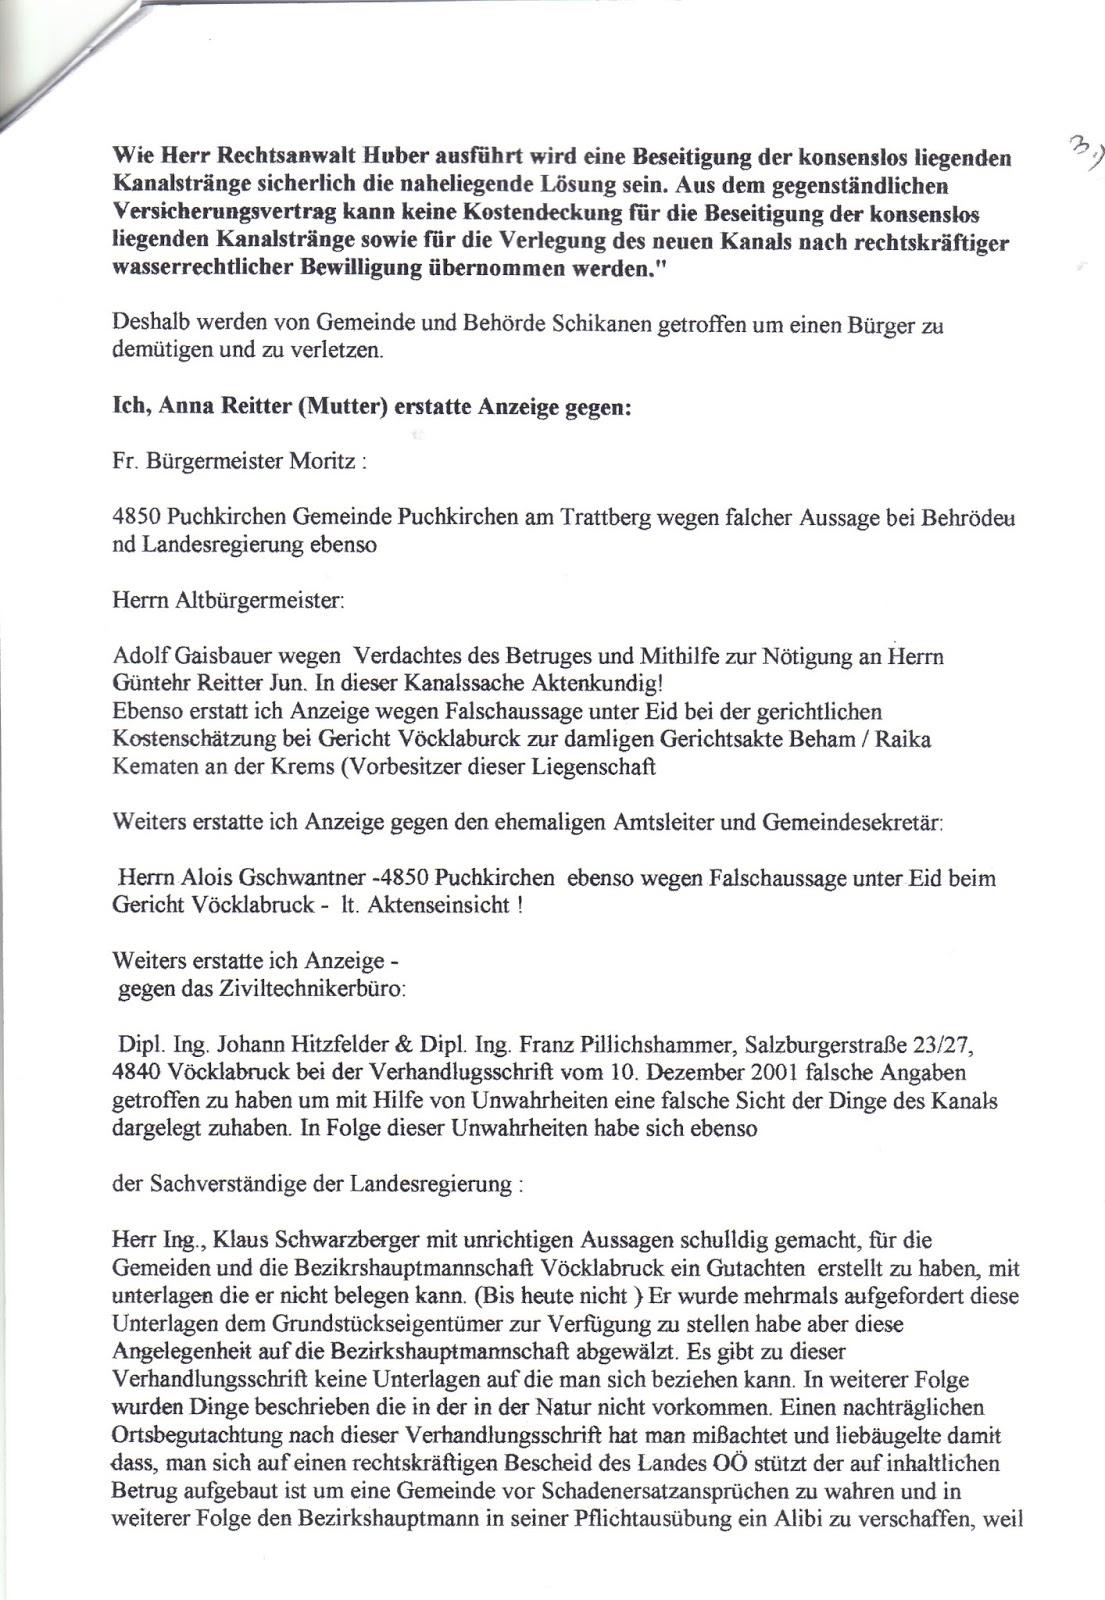 Niedlich Aussage Unter Eid Vorlage Galerie - Beispielzusammenfassung ...